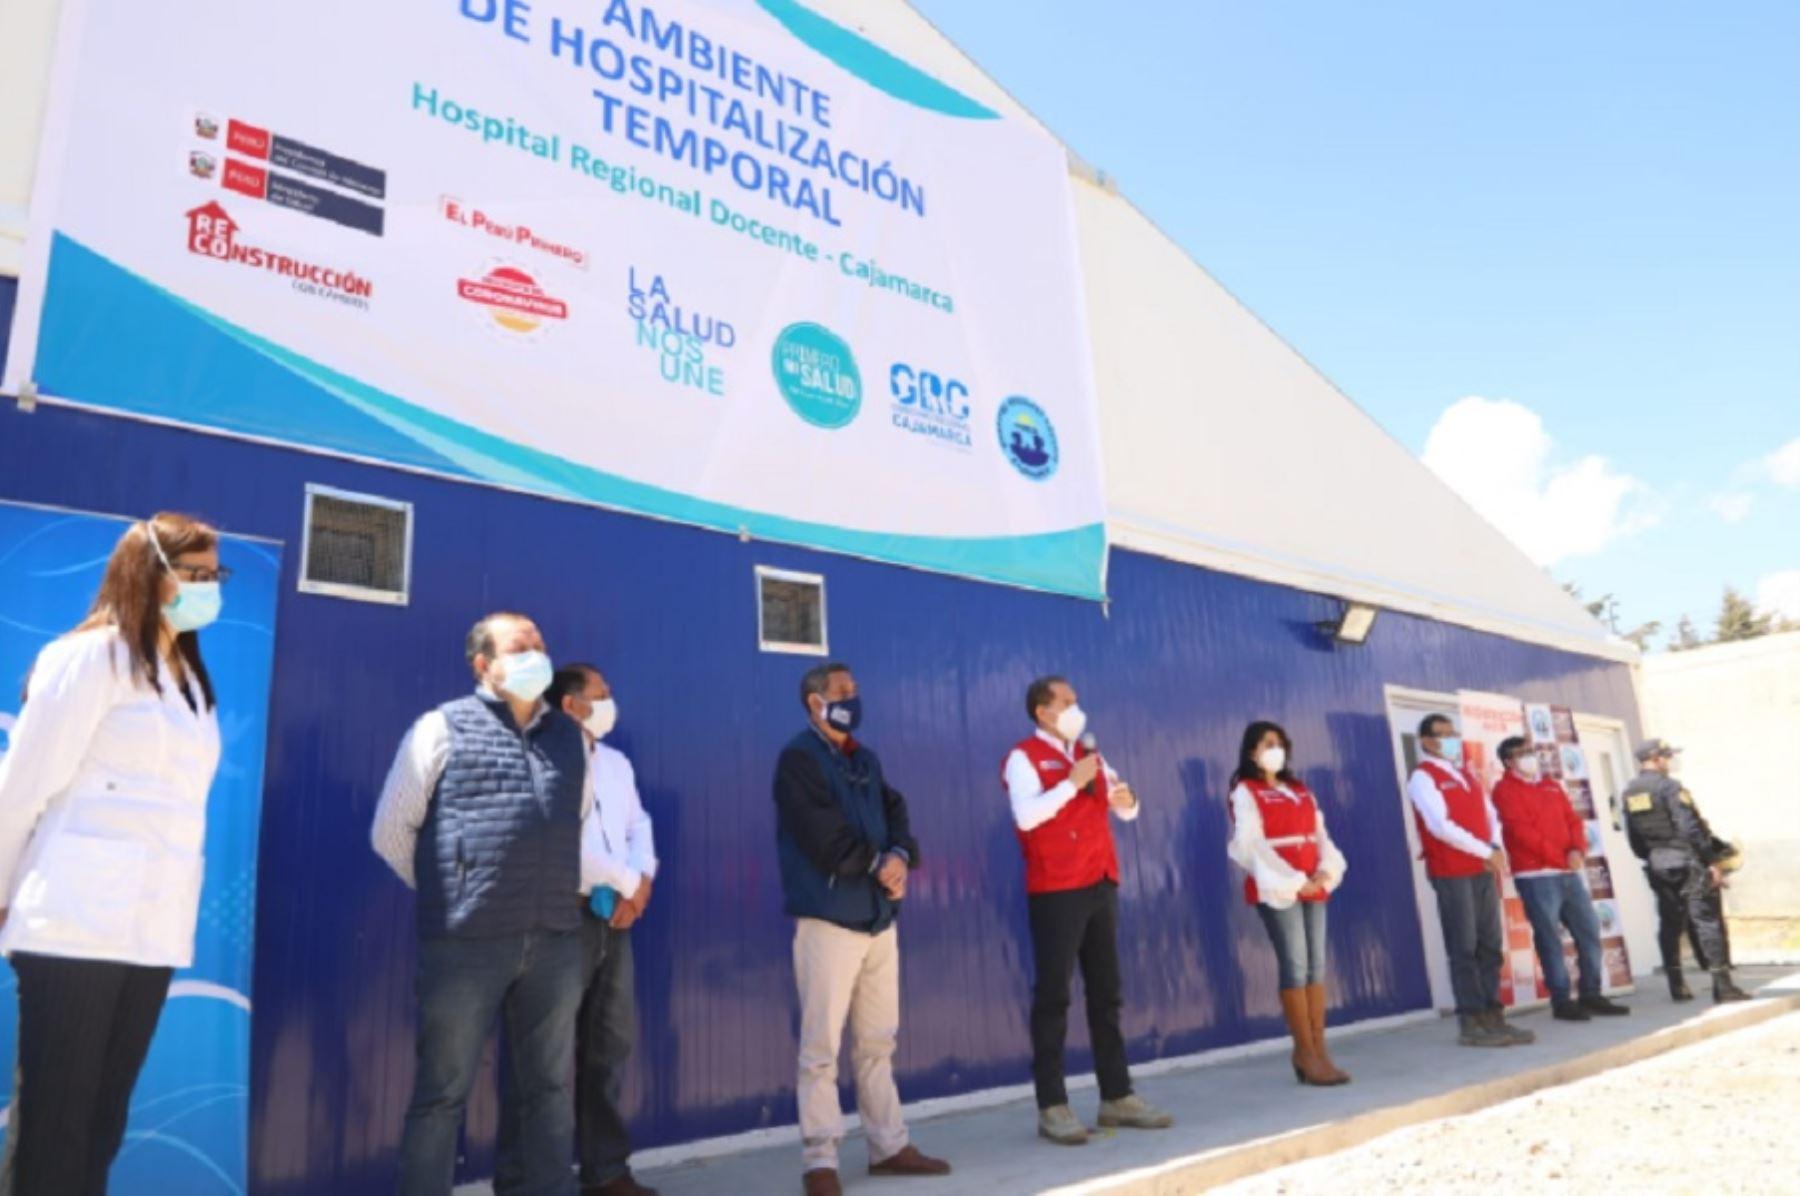 Cajamarca: ARCC entrega Centro de Atención Temporal para pacientes covid-19 | Noticias